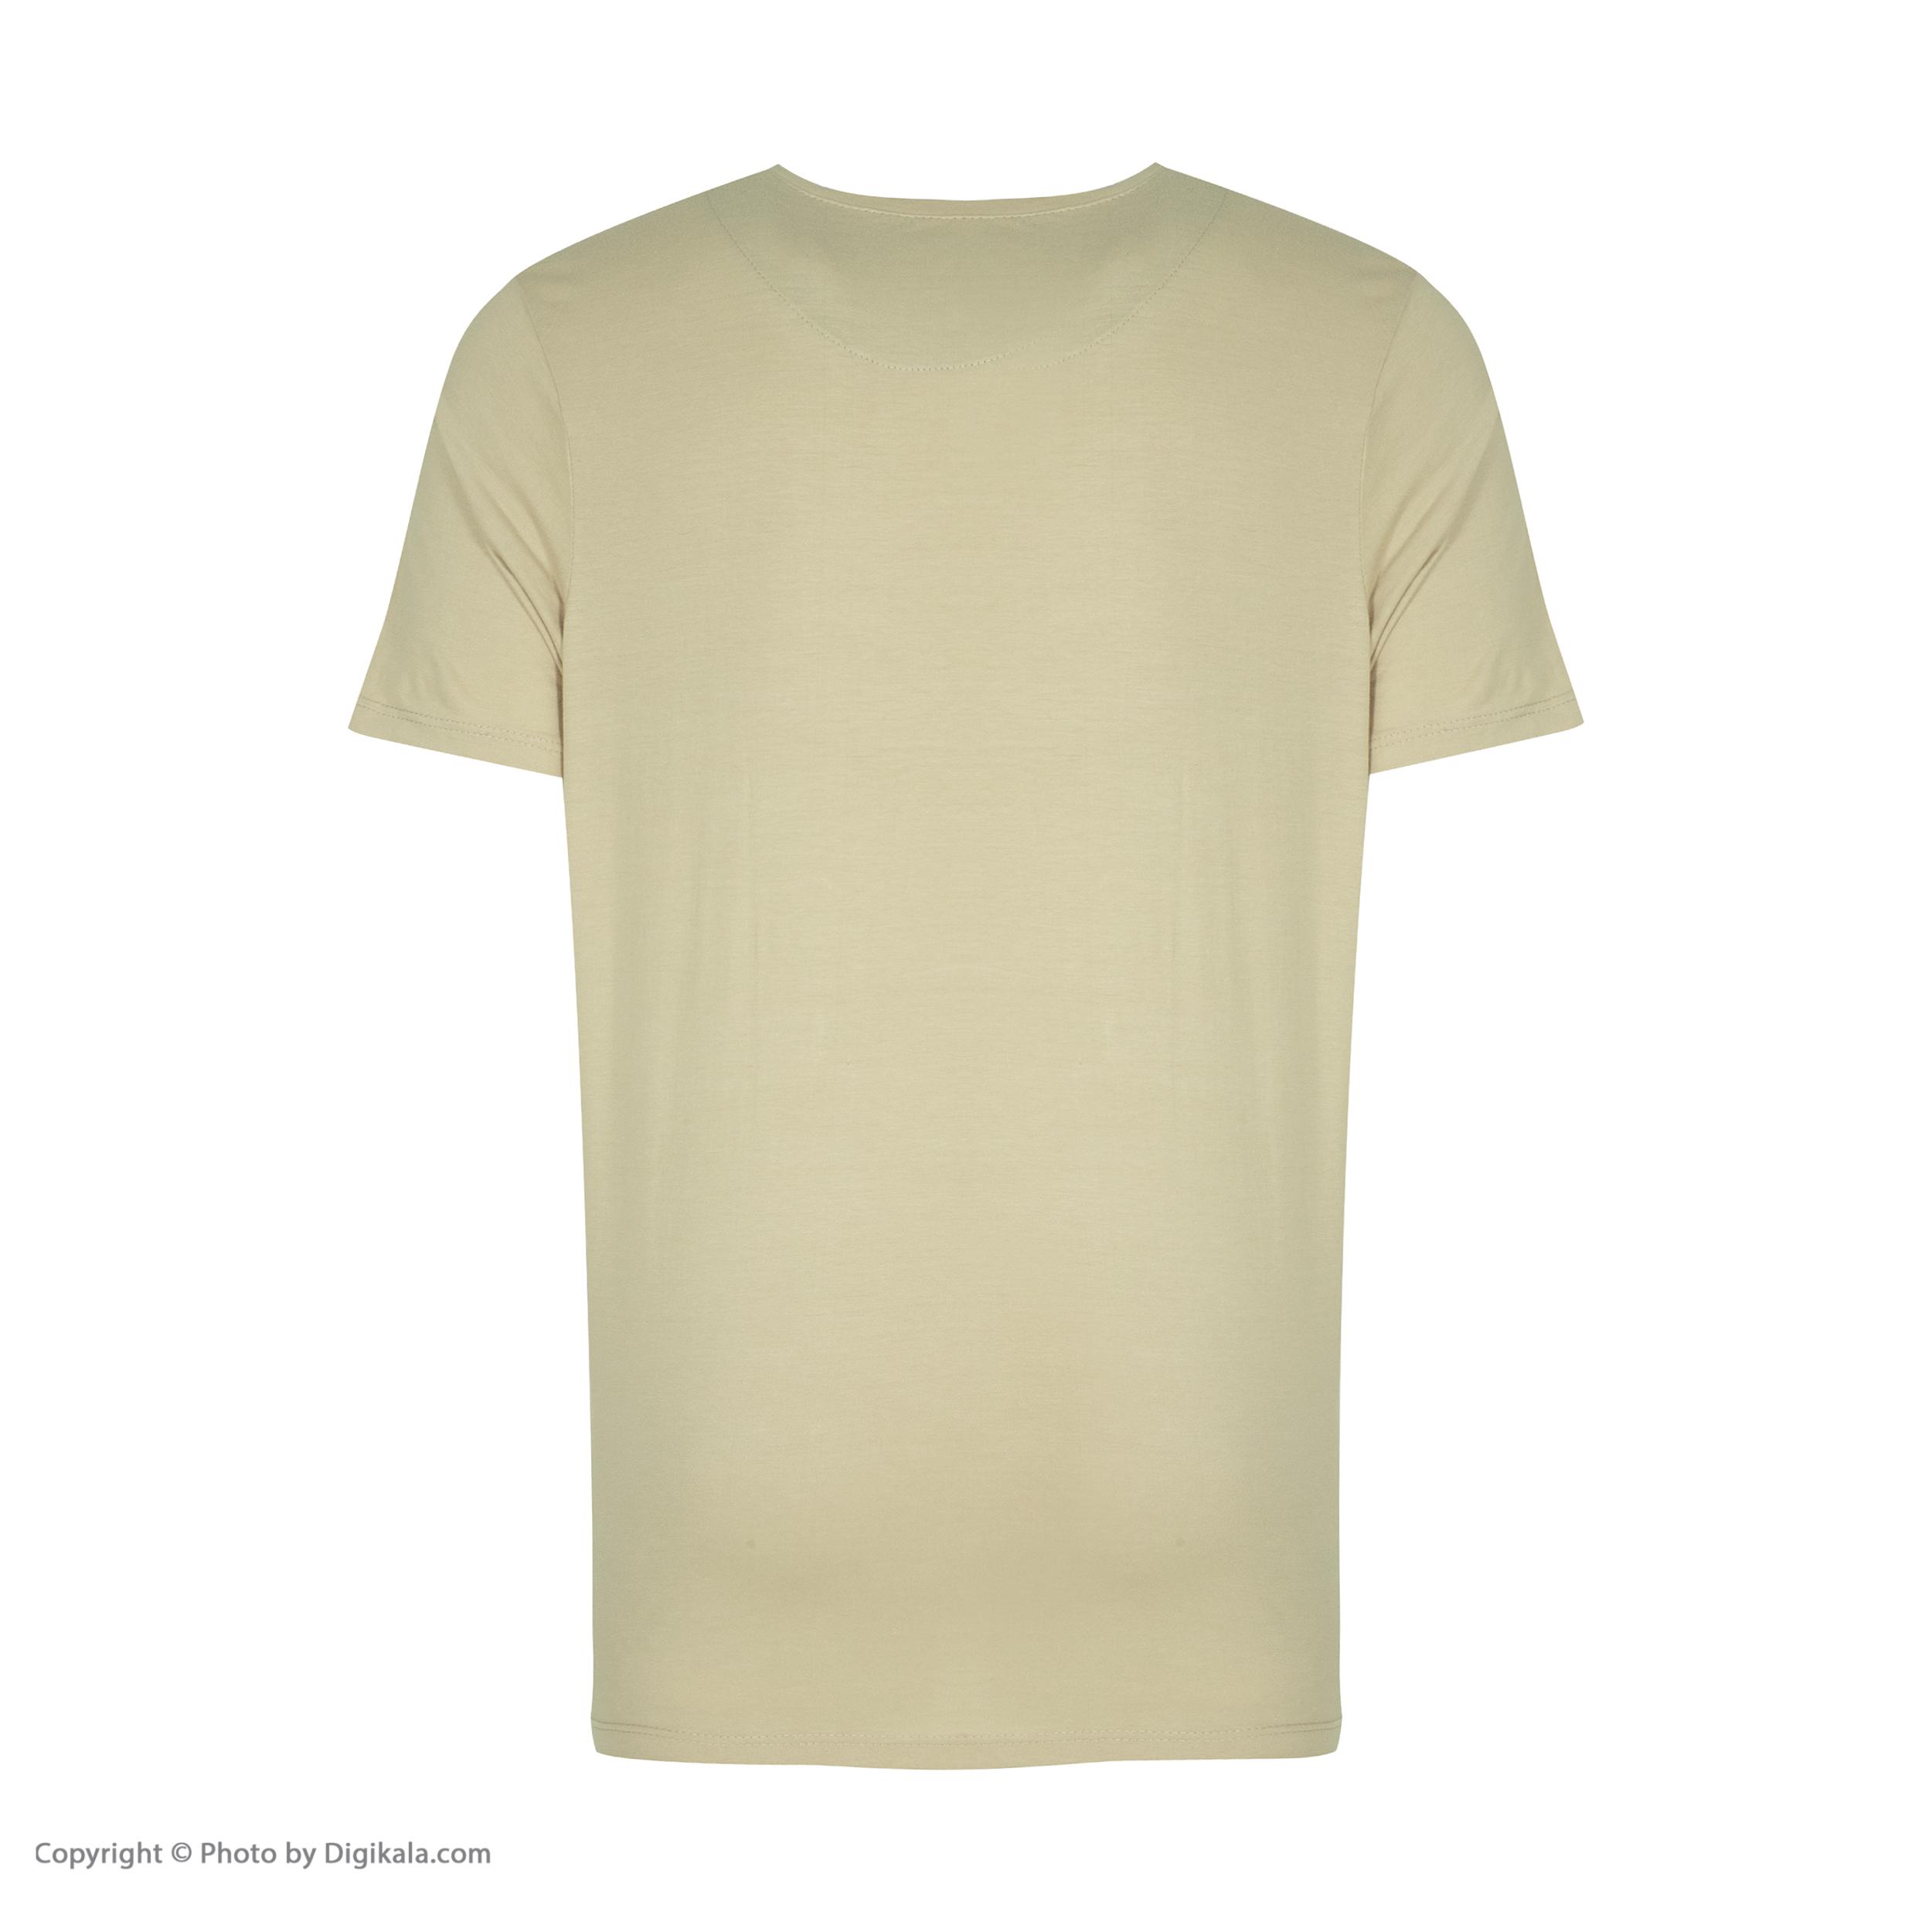 ست تی شرت و شلوارک راحتی مردانه مادر مدل 2041106-07 -  - 6